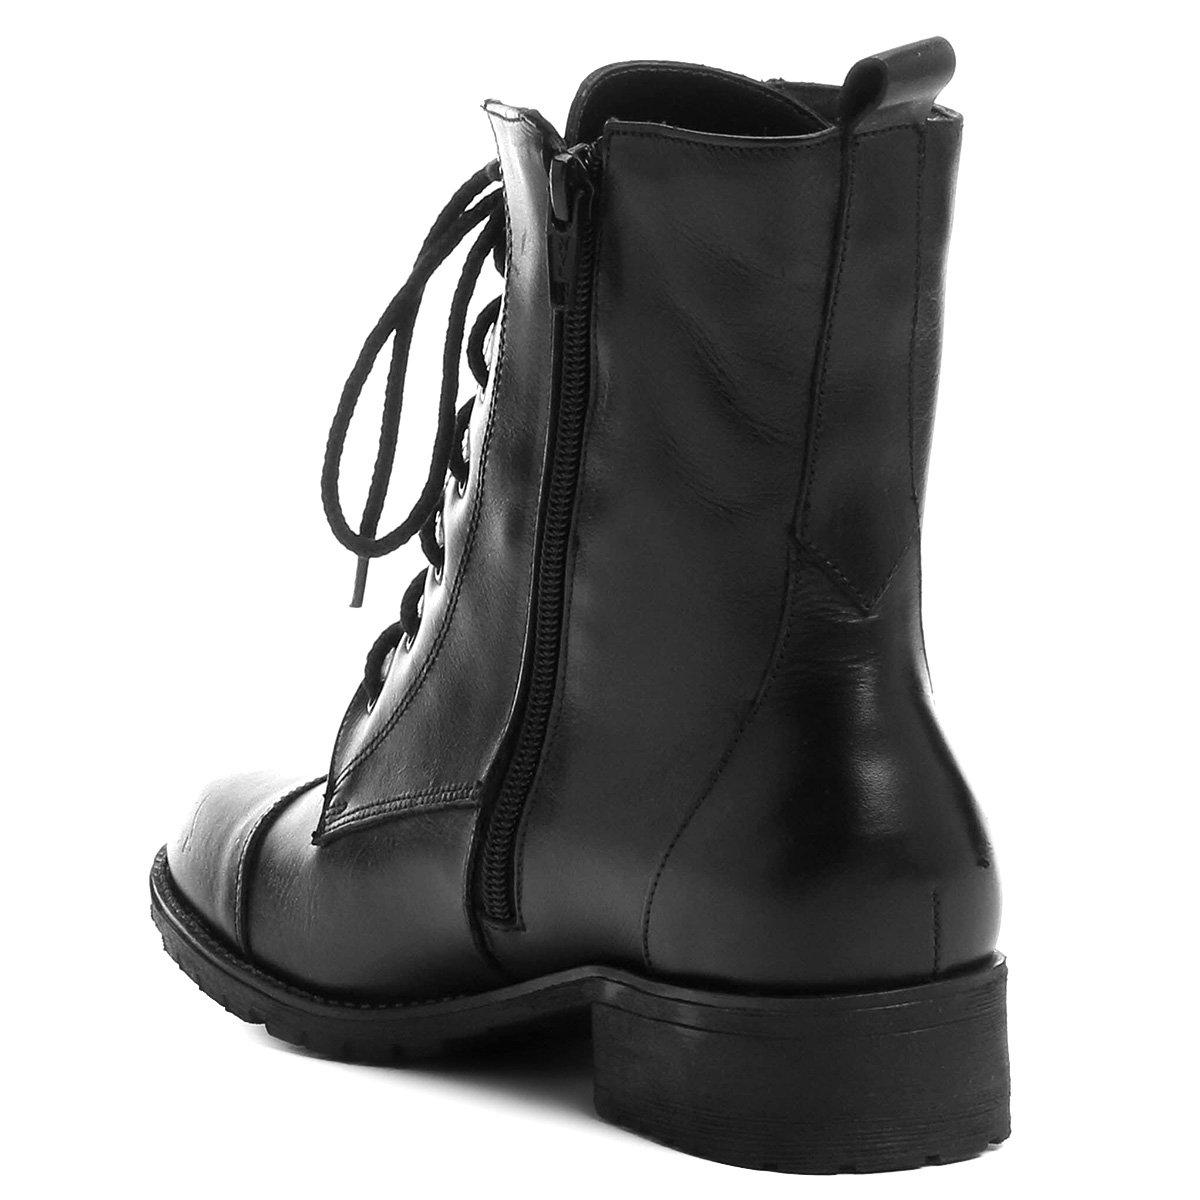 a06c2eb60bdeb Coturno Shoestock Cadarço - Compre Agora   Zattini